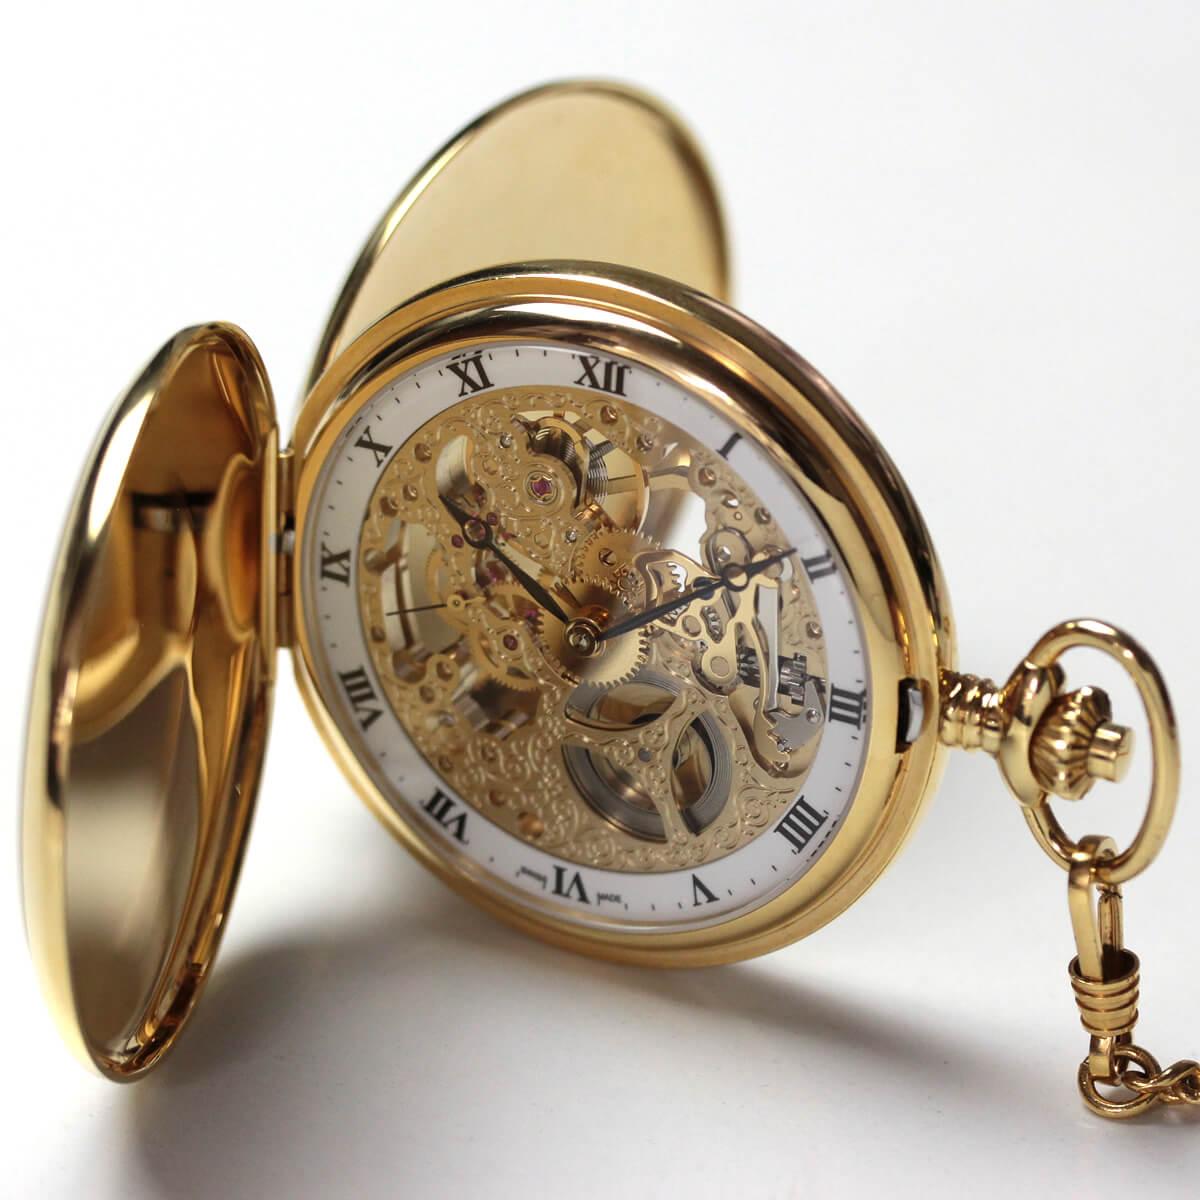 アエロ(AERO)/スケルトン/56819J501/懐中時計